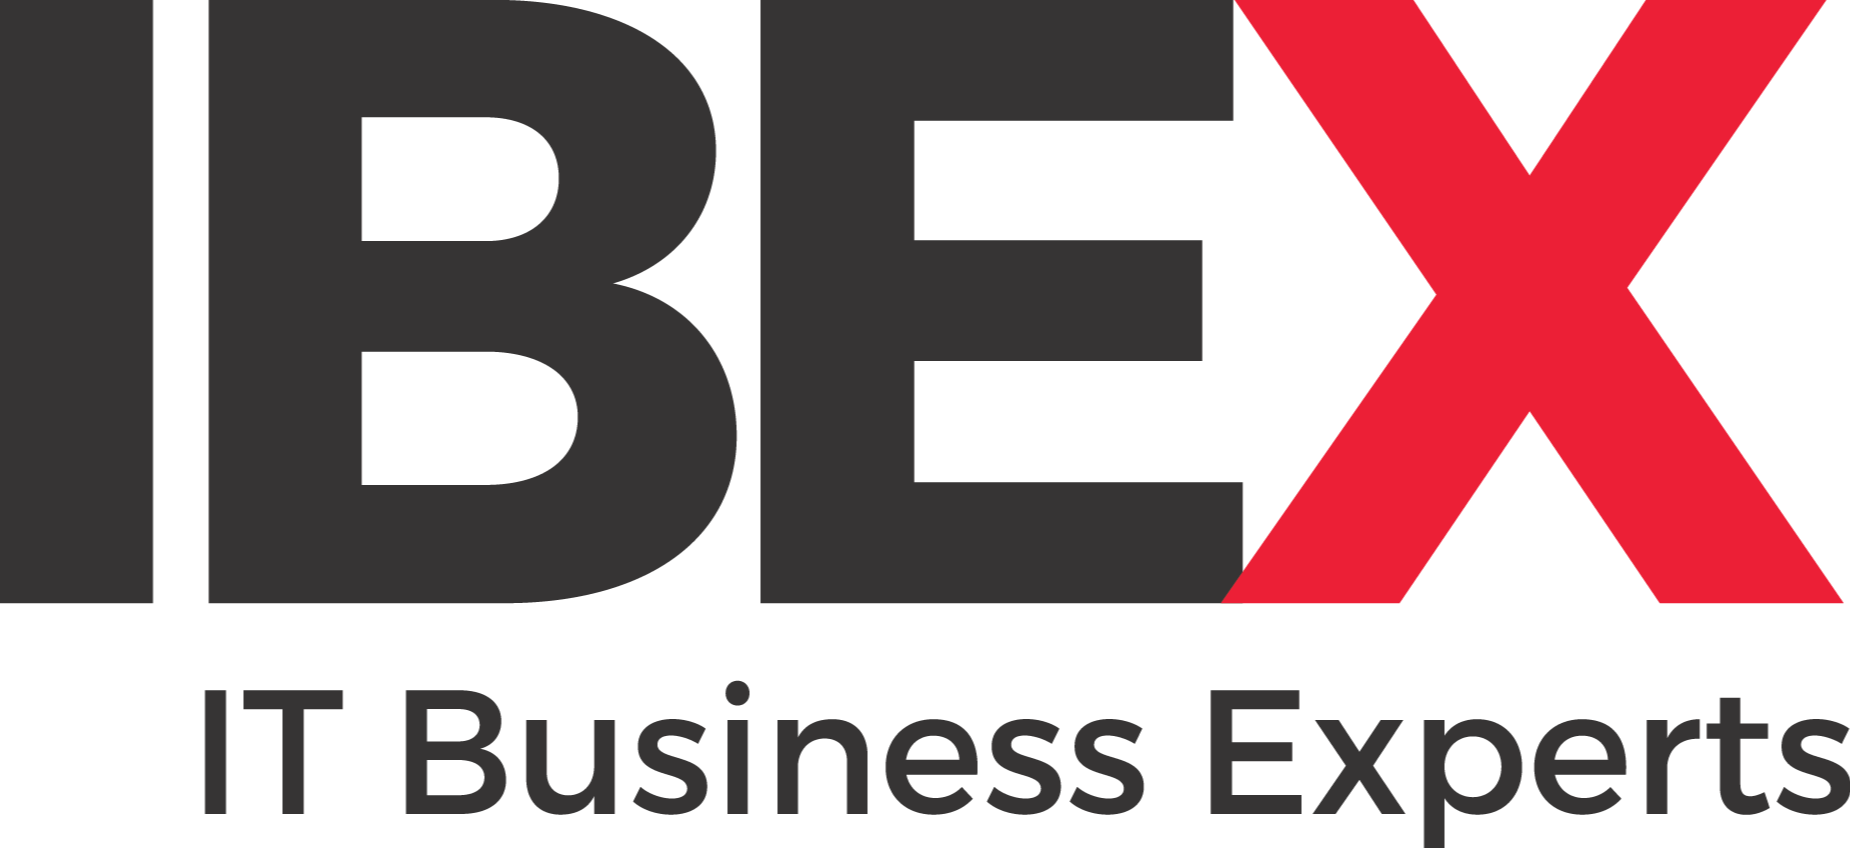 Ibex primary